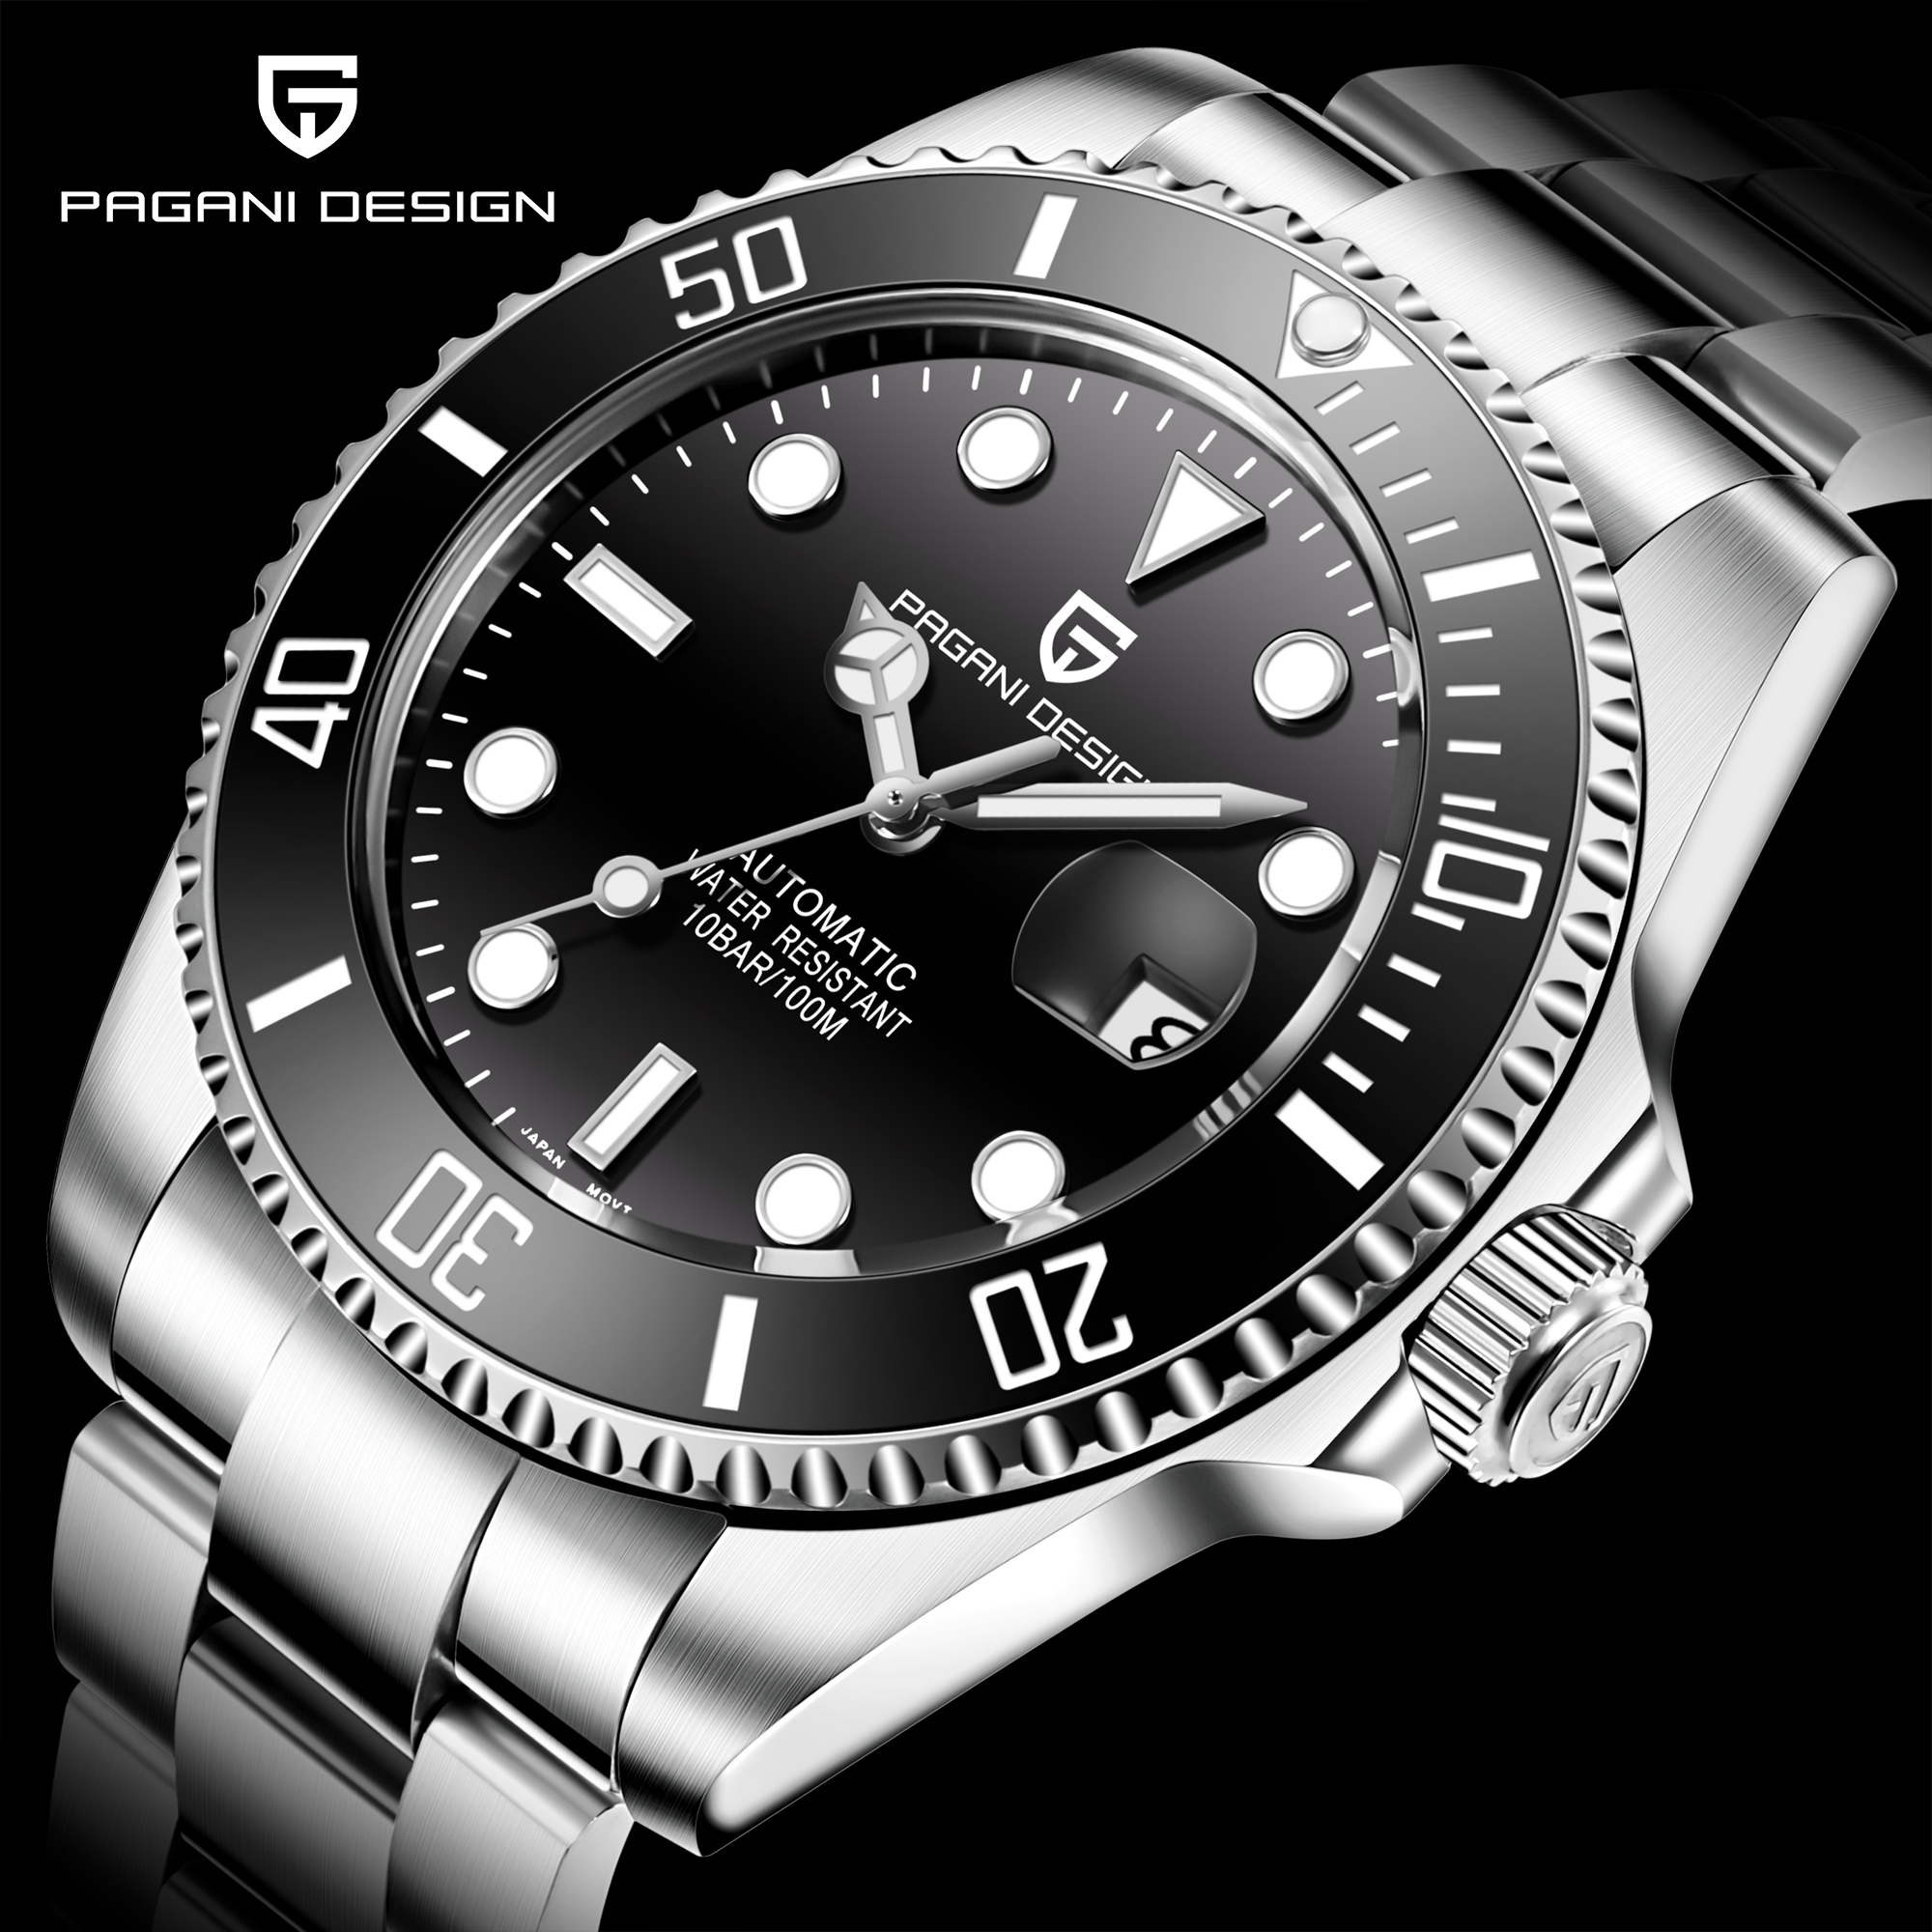 2020 PAGANI дизайнерские брендовые автоматические механические мужские часы 100 м водонепроницаемые мужские спортивные наручные часы с сапфировым стеклом Relogio Masculino|Механические часы|   | АлиЭкспресс